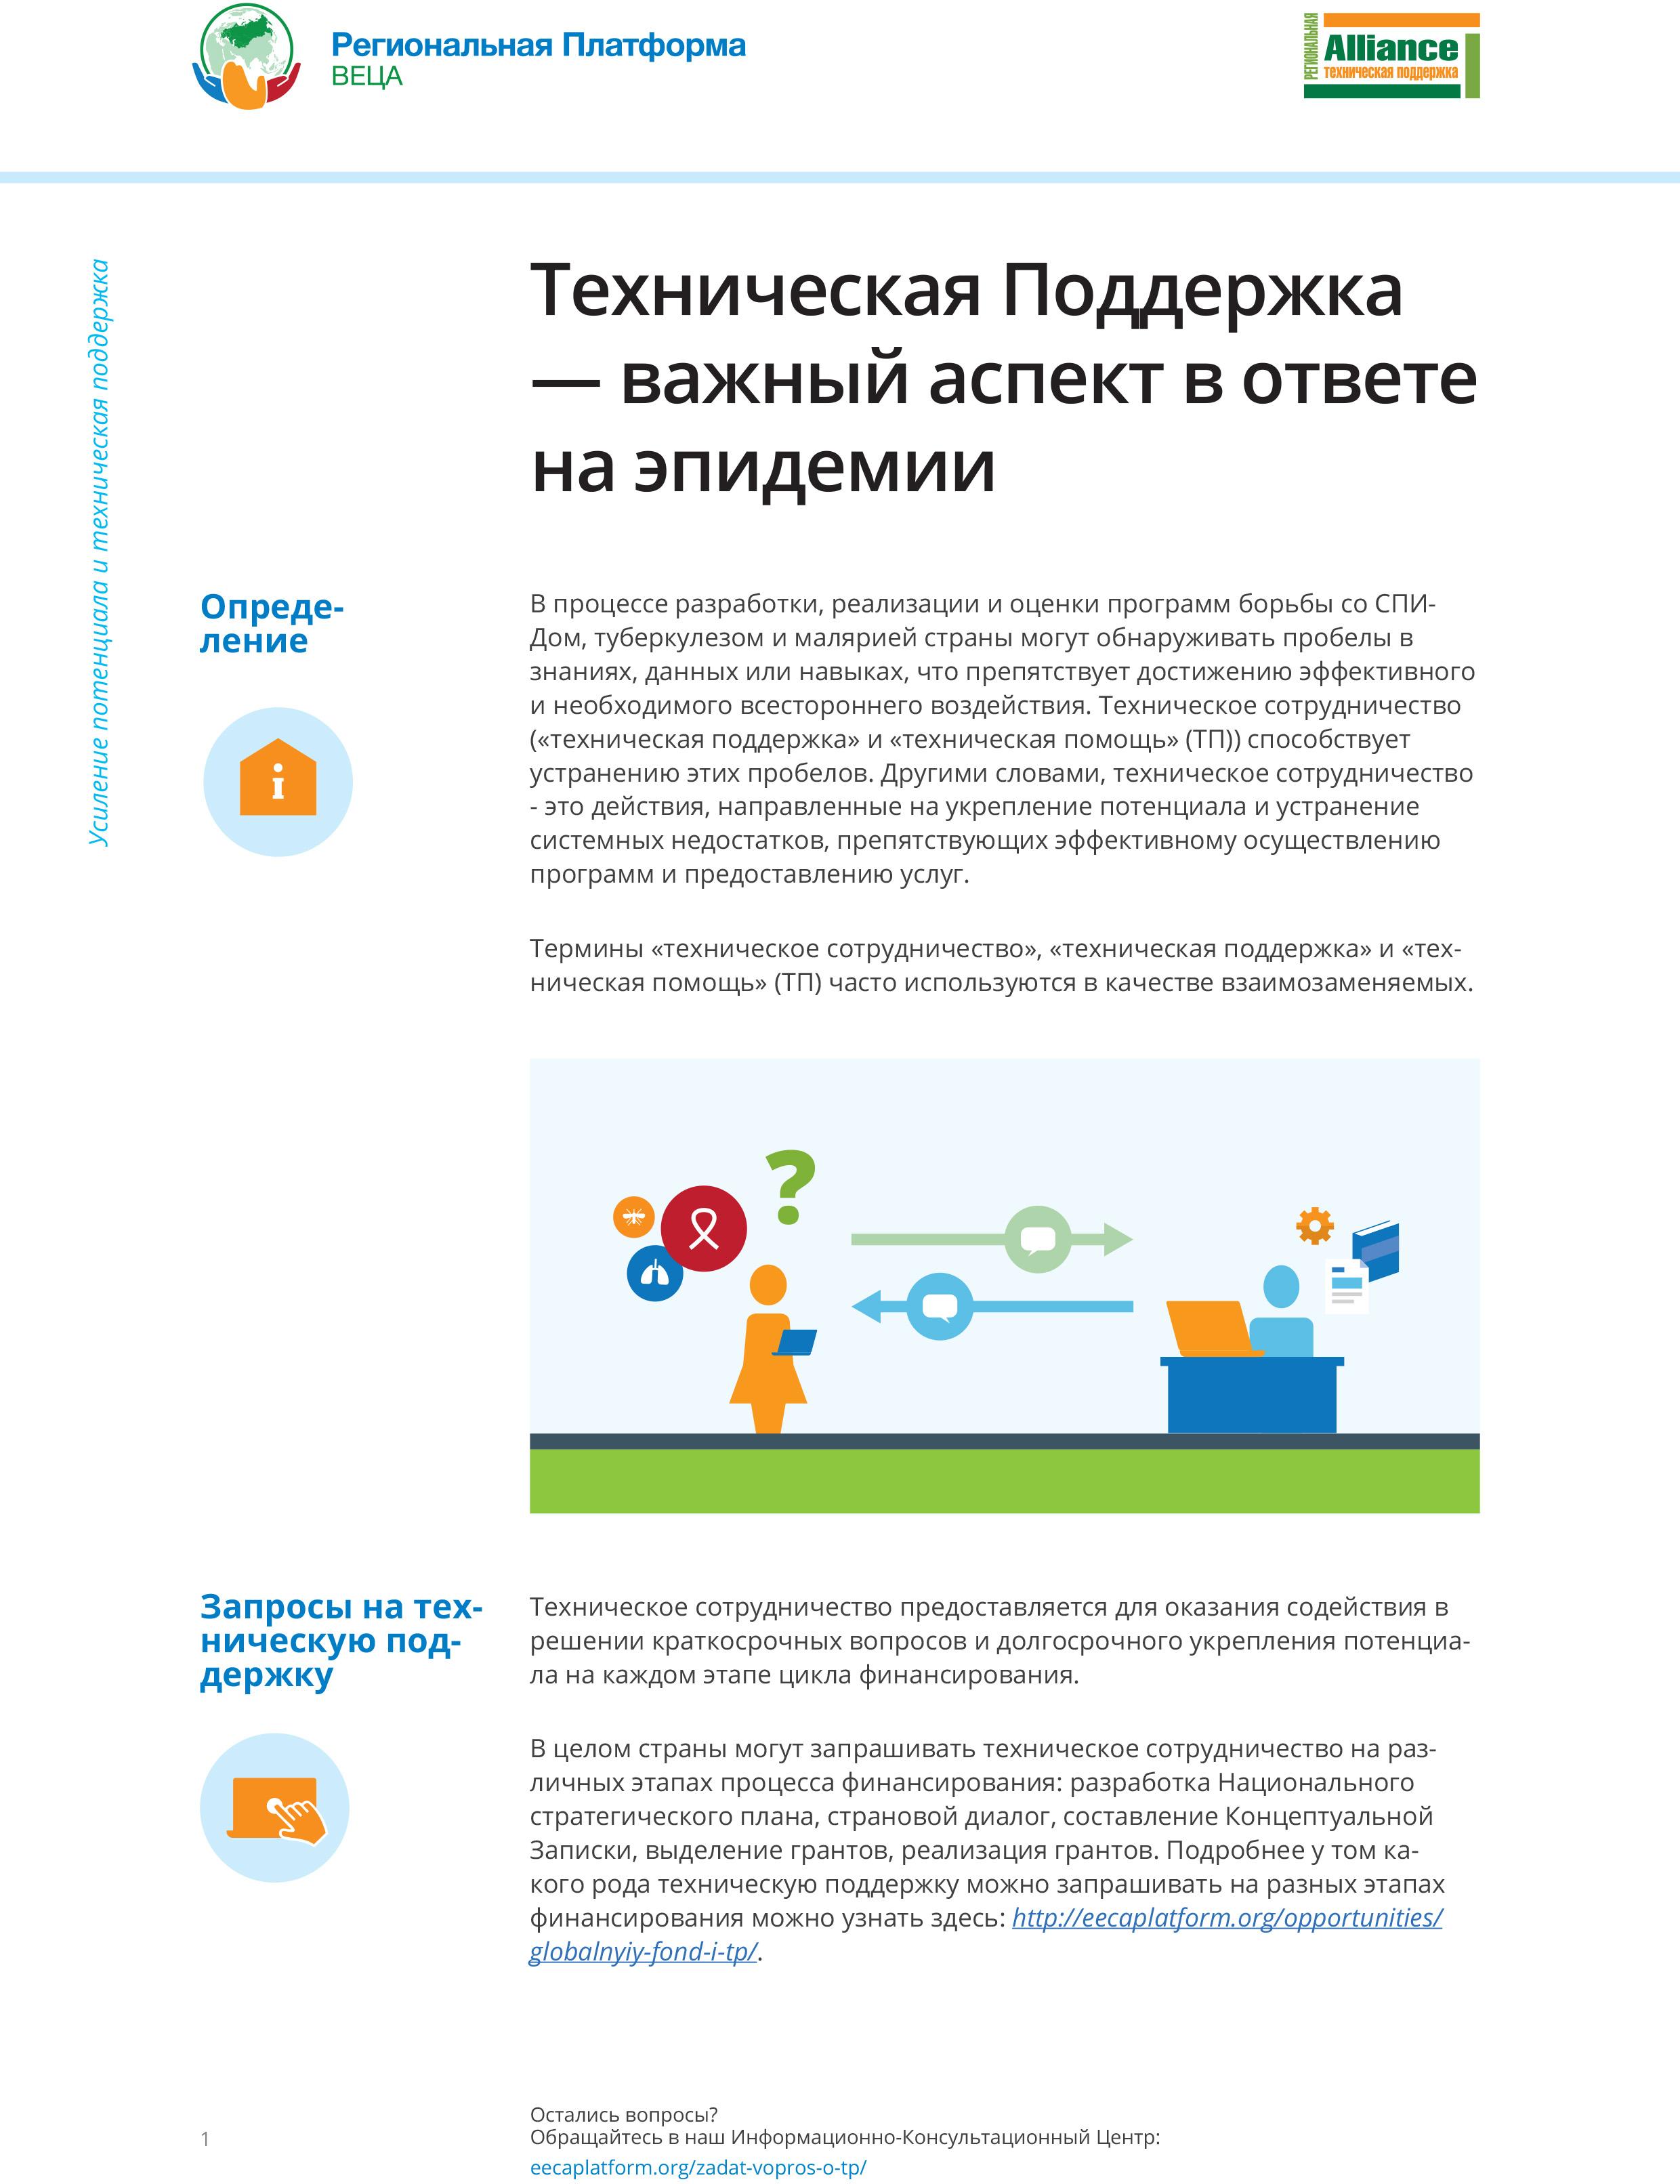 RP_public_03_rus_02-2-1